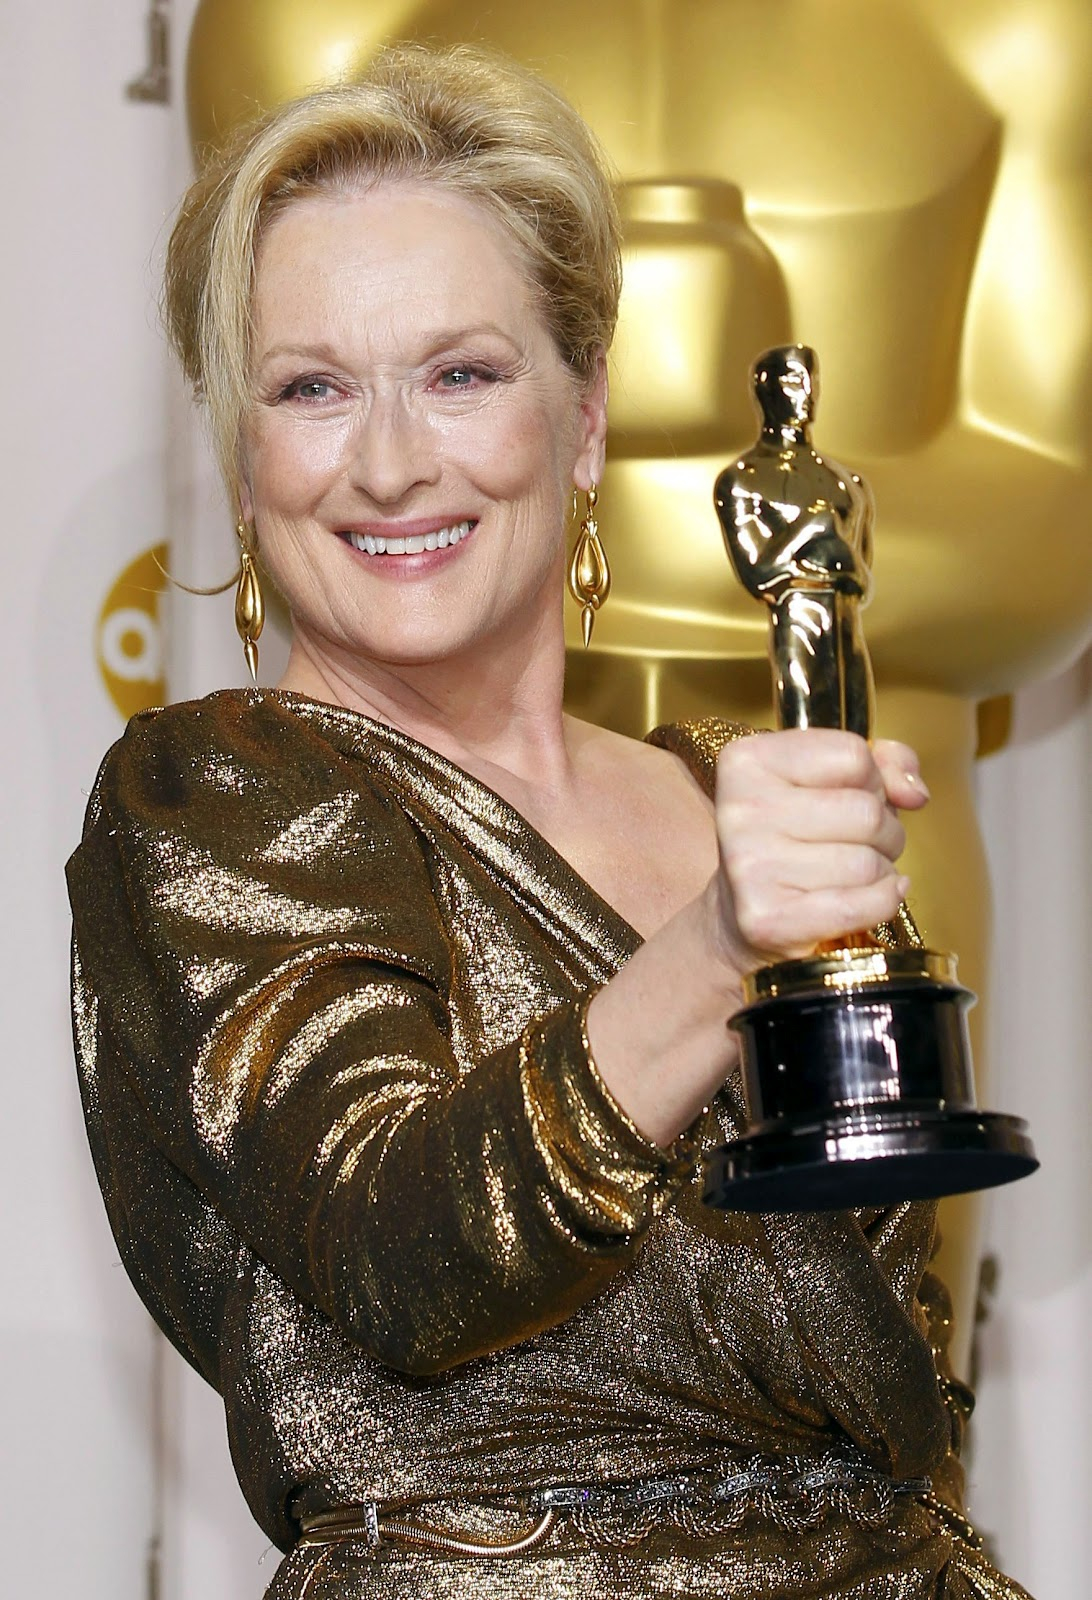 Cinéfilos con Z :: Blog de cine :: Premios :: Premios Oscar 2012 - 84ª Edición